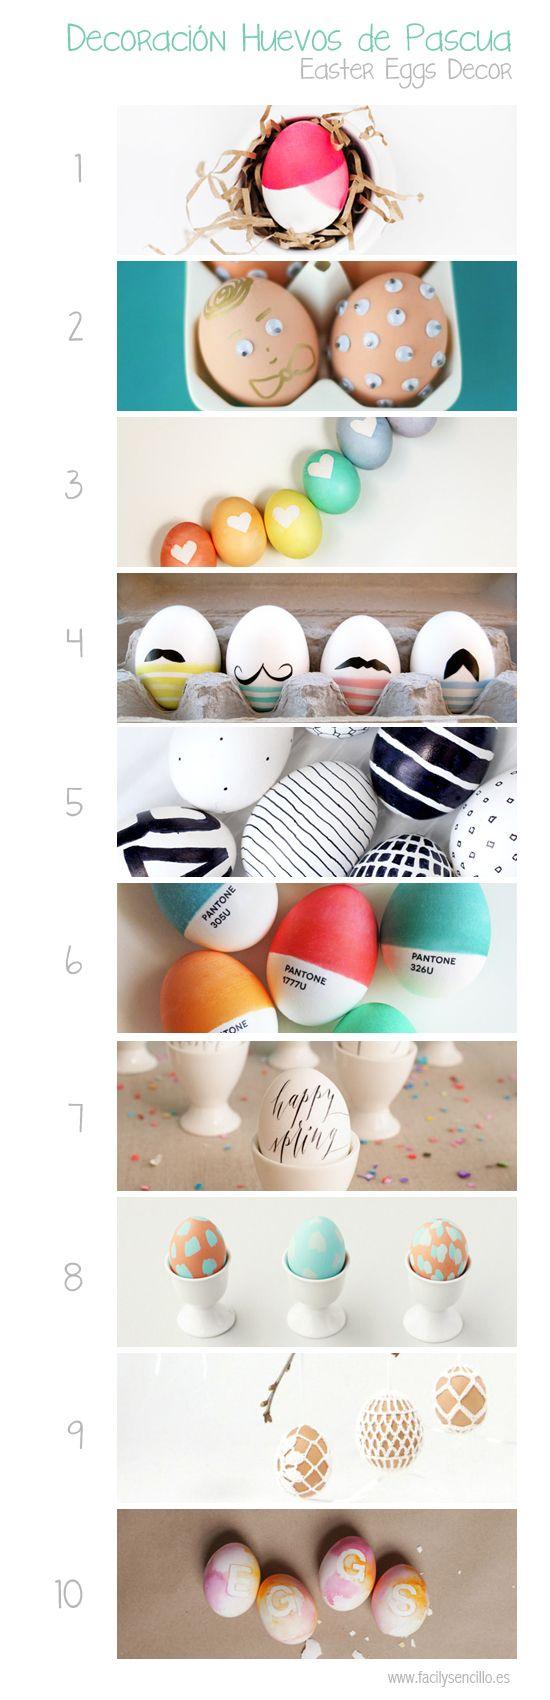 10 Formas de Decorar Huevos de Pascua Originales - Fácil y Sencillo   Fácil y Sencillo